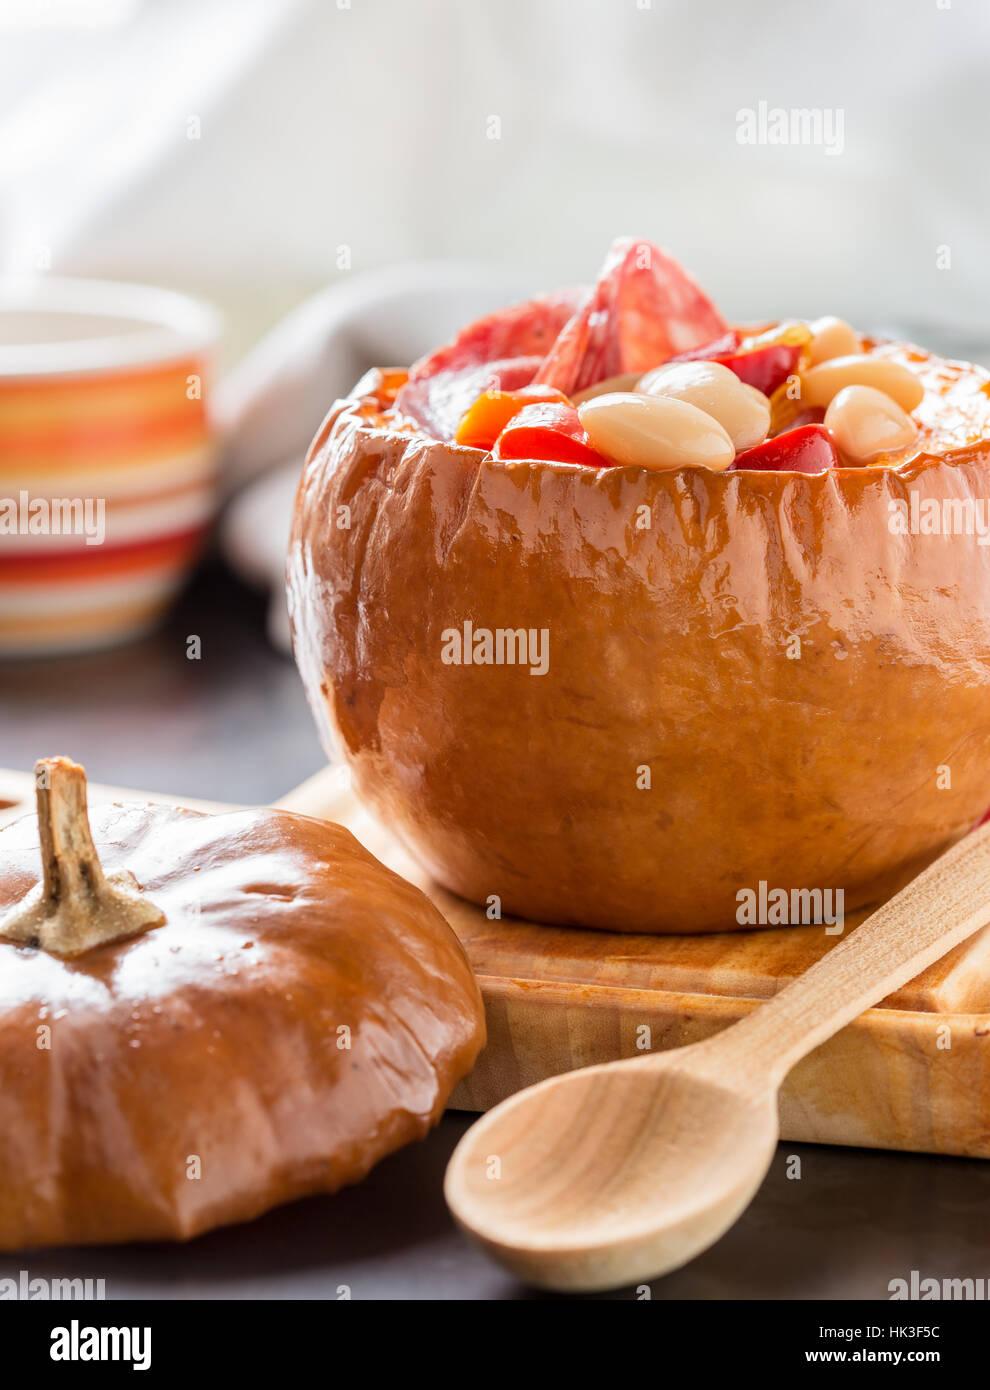 Weiße Bohnen und Paprika-Gemüse-Eintopf in Kürbis Schüsseln serviert auf Holzbrett Stockbild